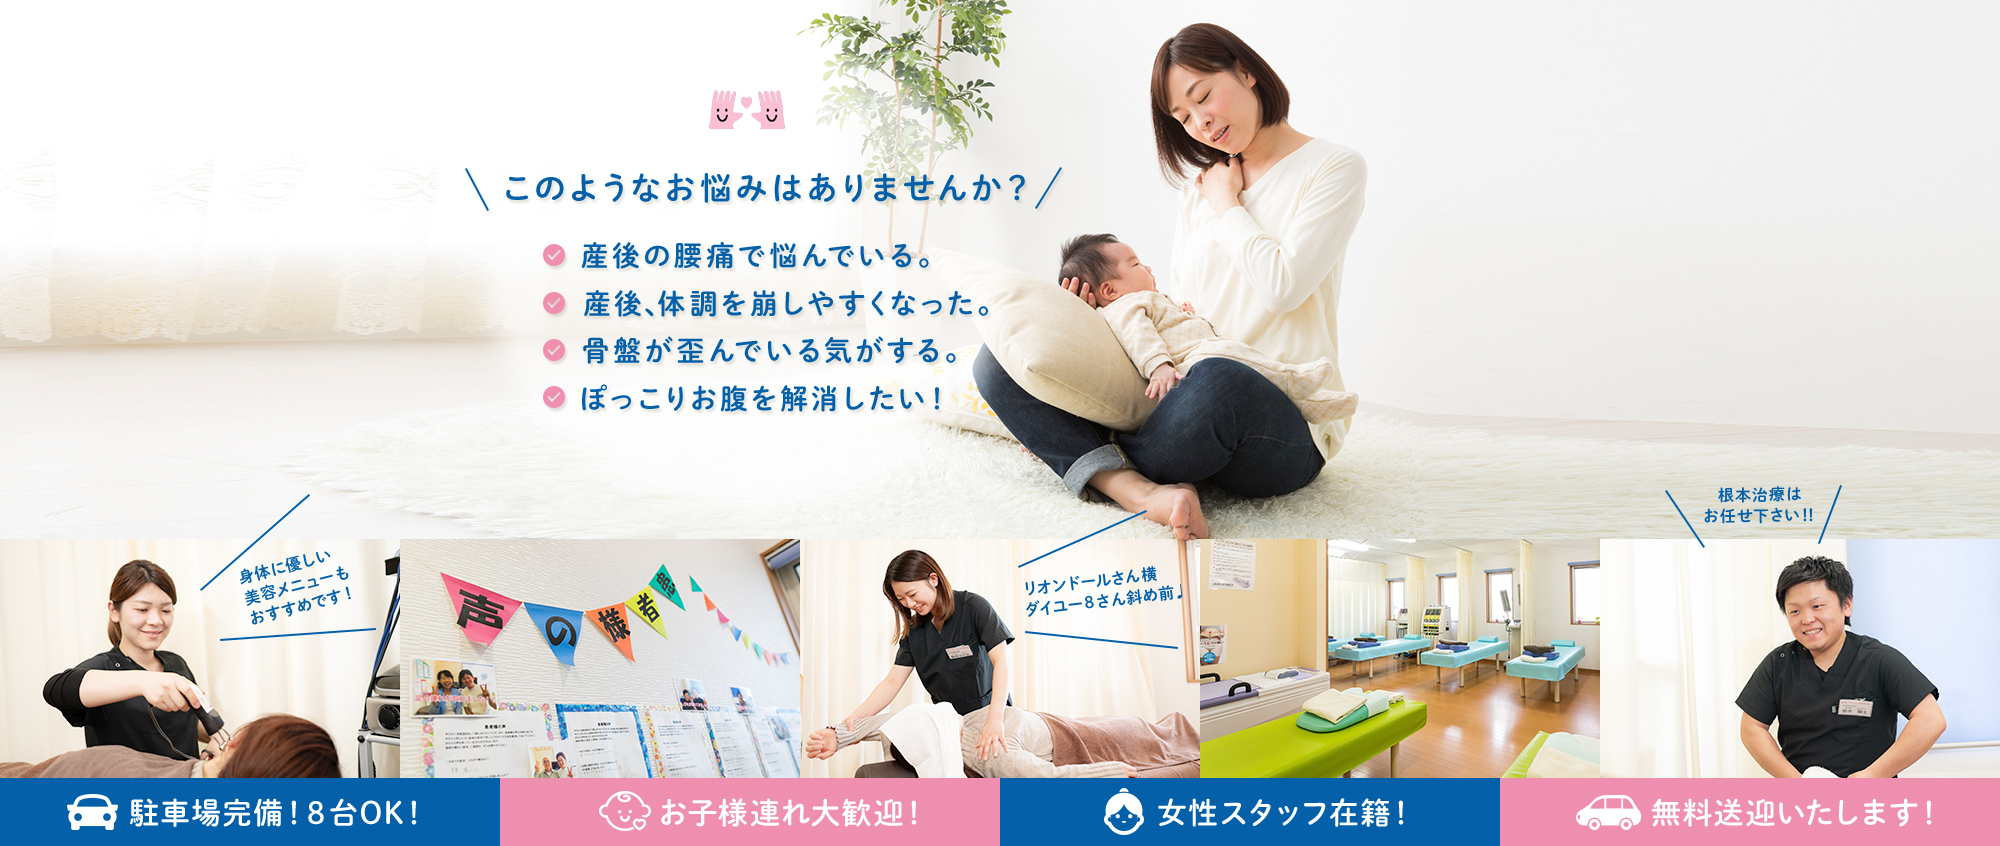 このようなお悩みはありませんか?産後の腰痛で悩んでいる。産後、体調を崩しやすくなった。骨盤が歪んでいる気がする。ぽっこりお腹を解消したい!